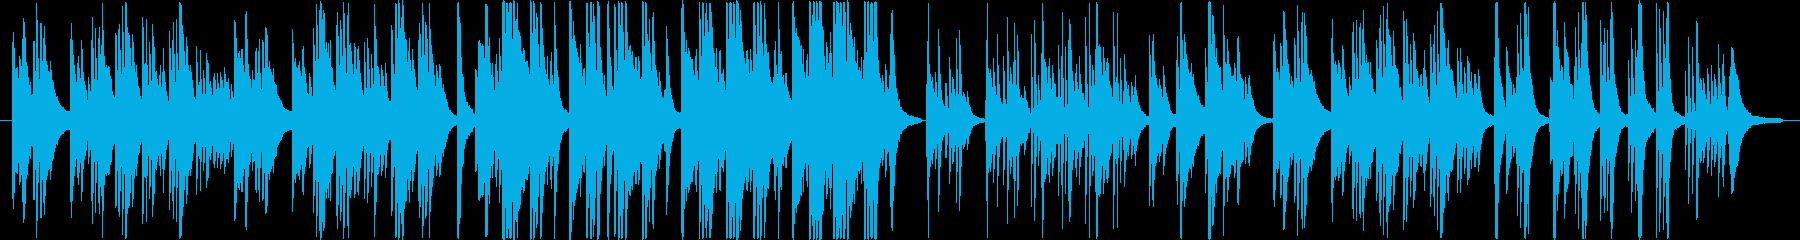 ドラマチックで切ないピアノ・バラードの再生済みの波形